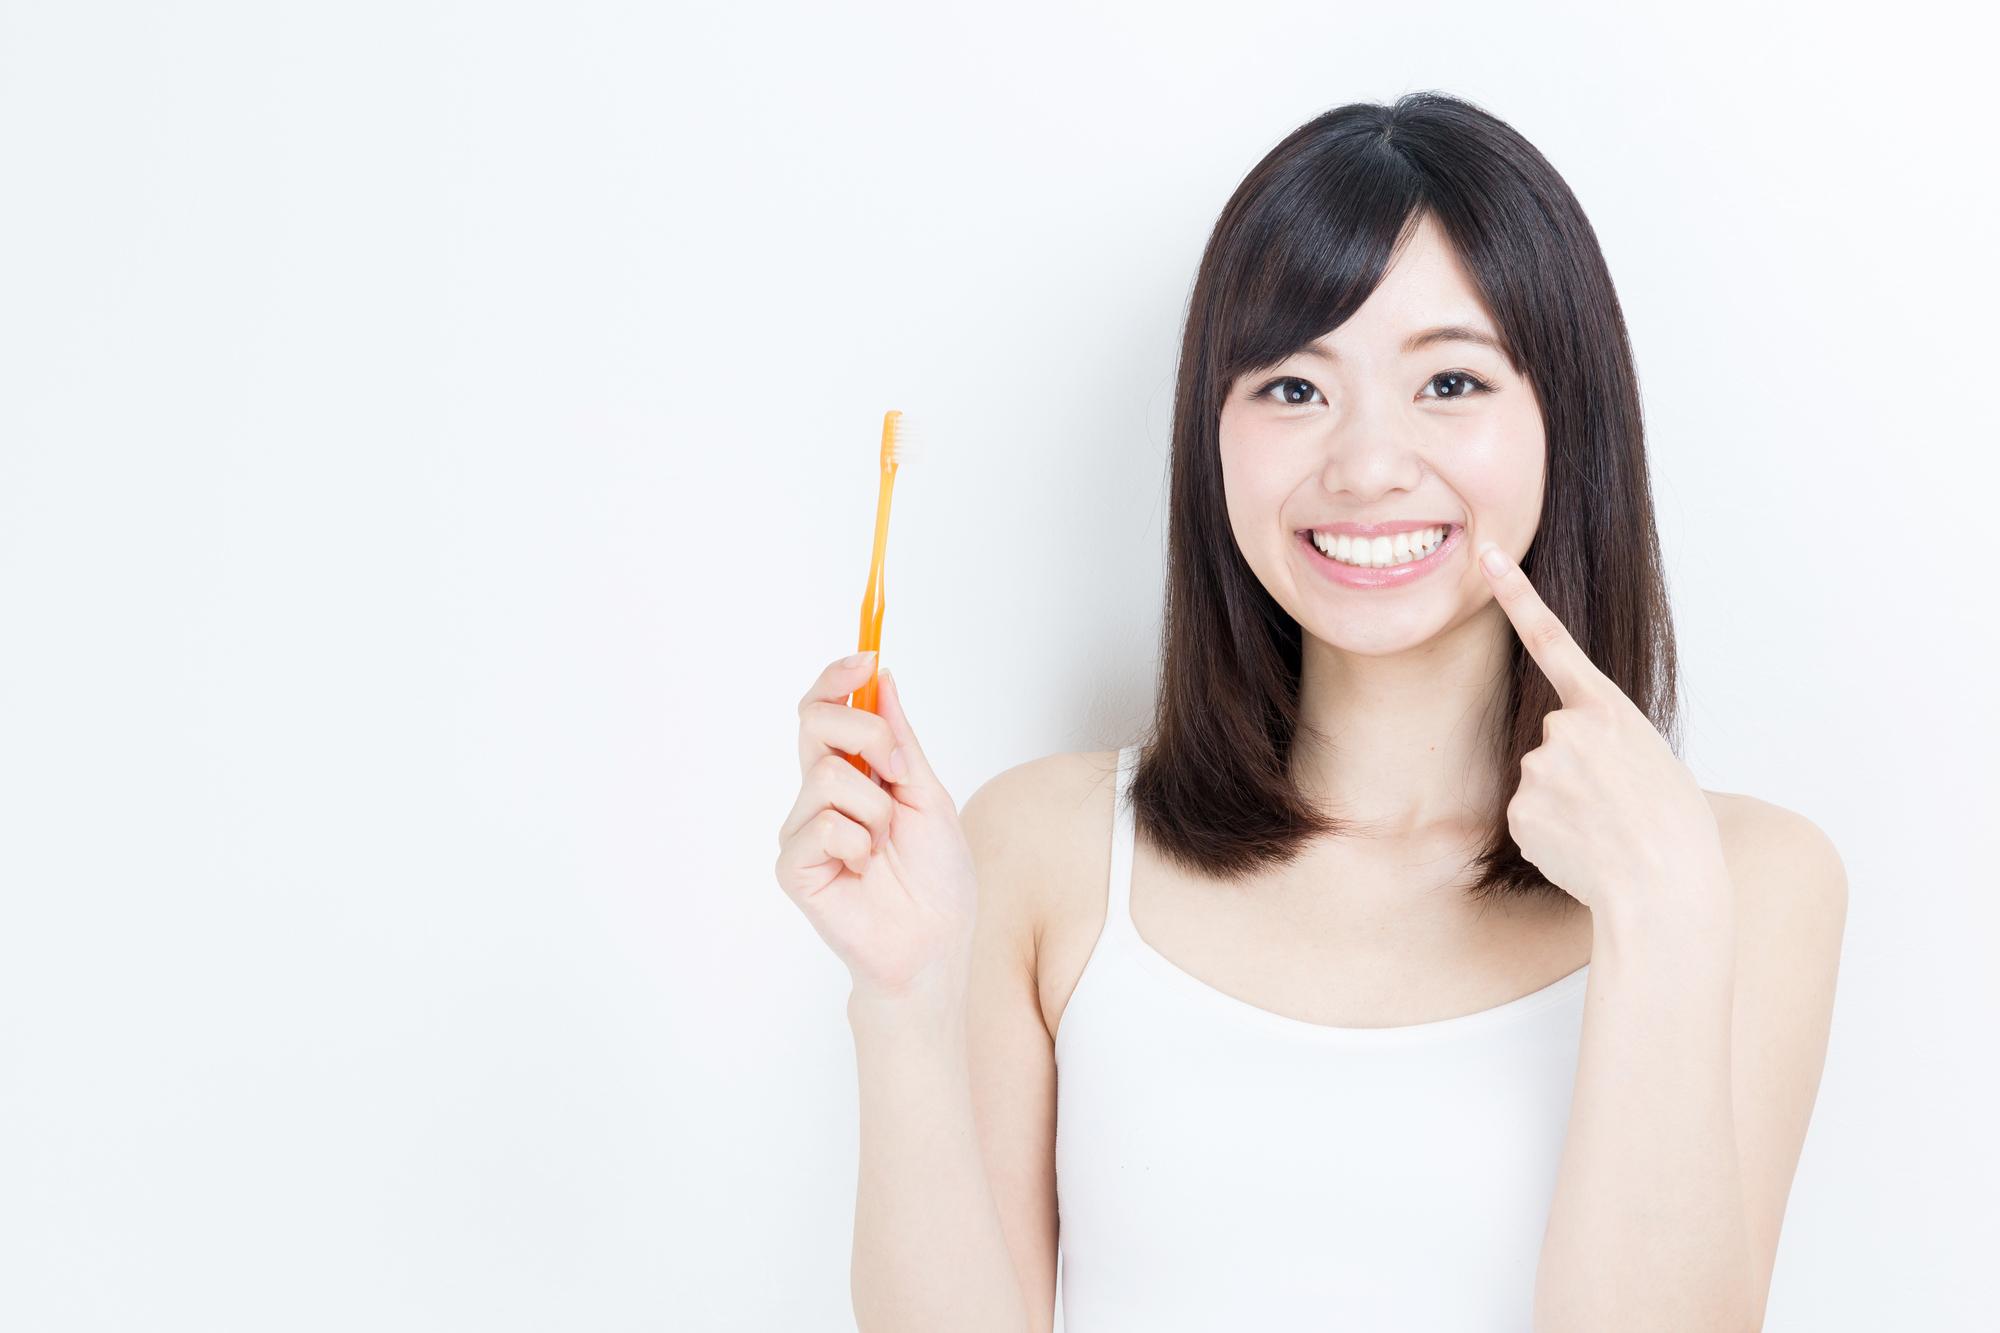 親知らずの抜歯後は口腔ケアを怠らないように心がけましょう